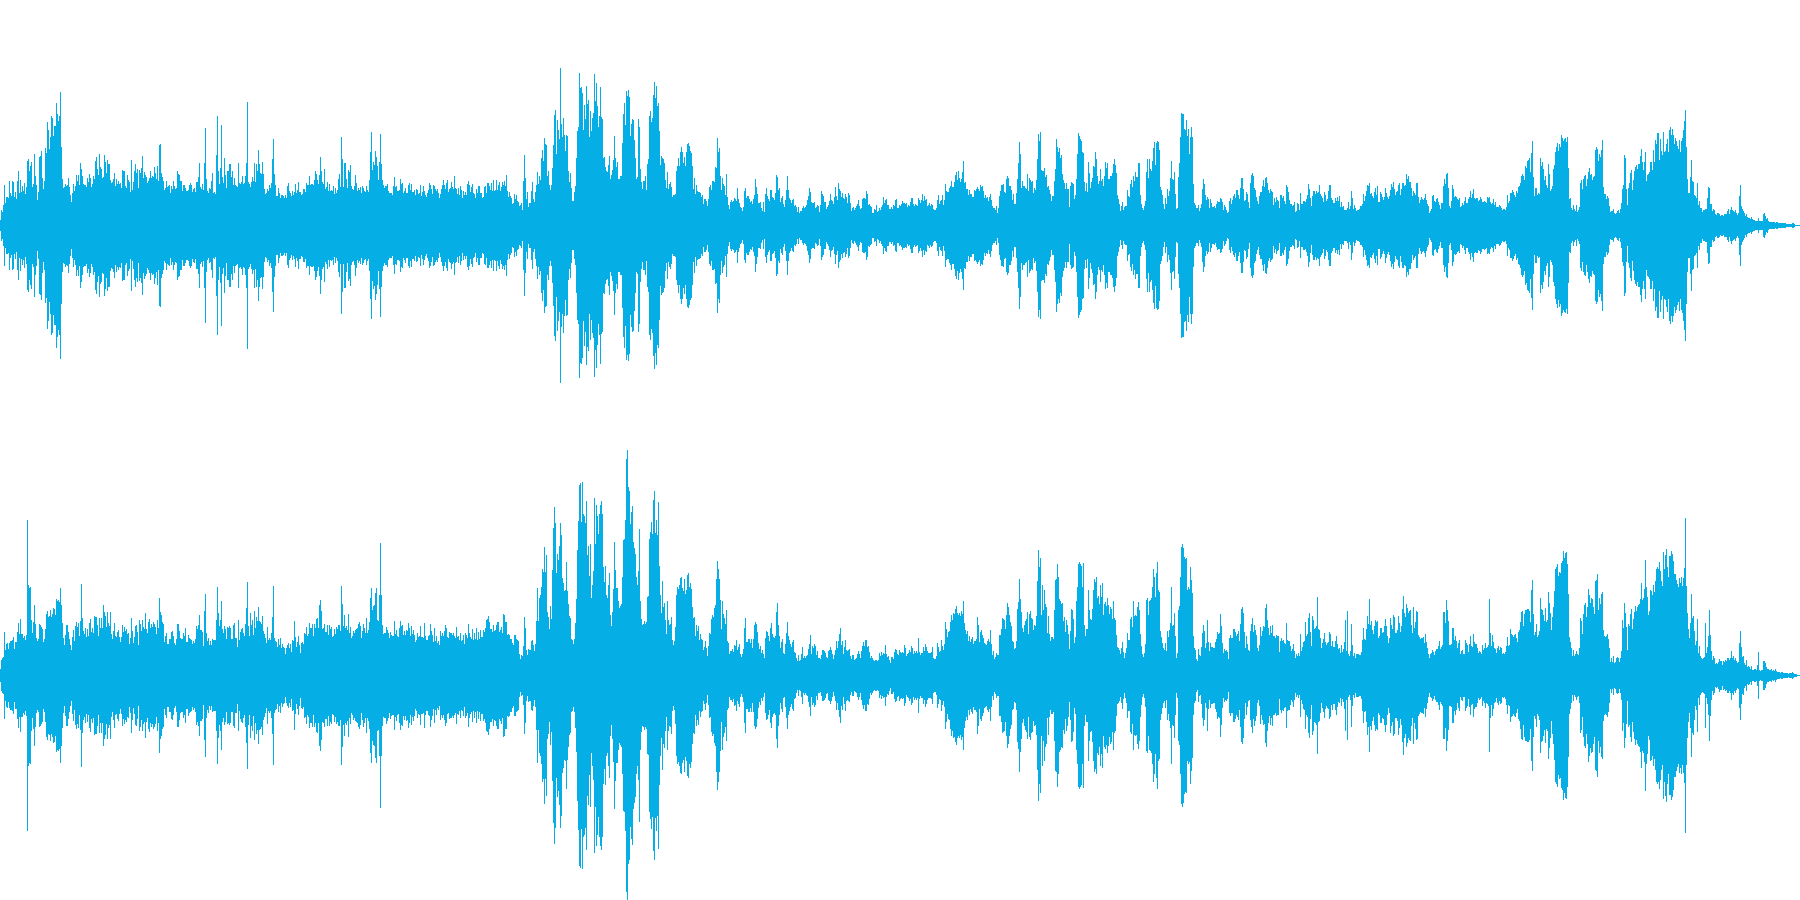 セリ開始を告げるベルからセリの開始までの再生済みの波形